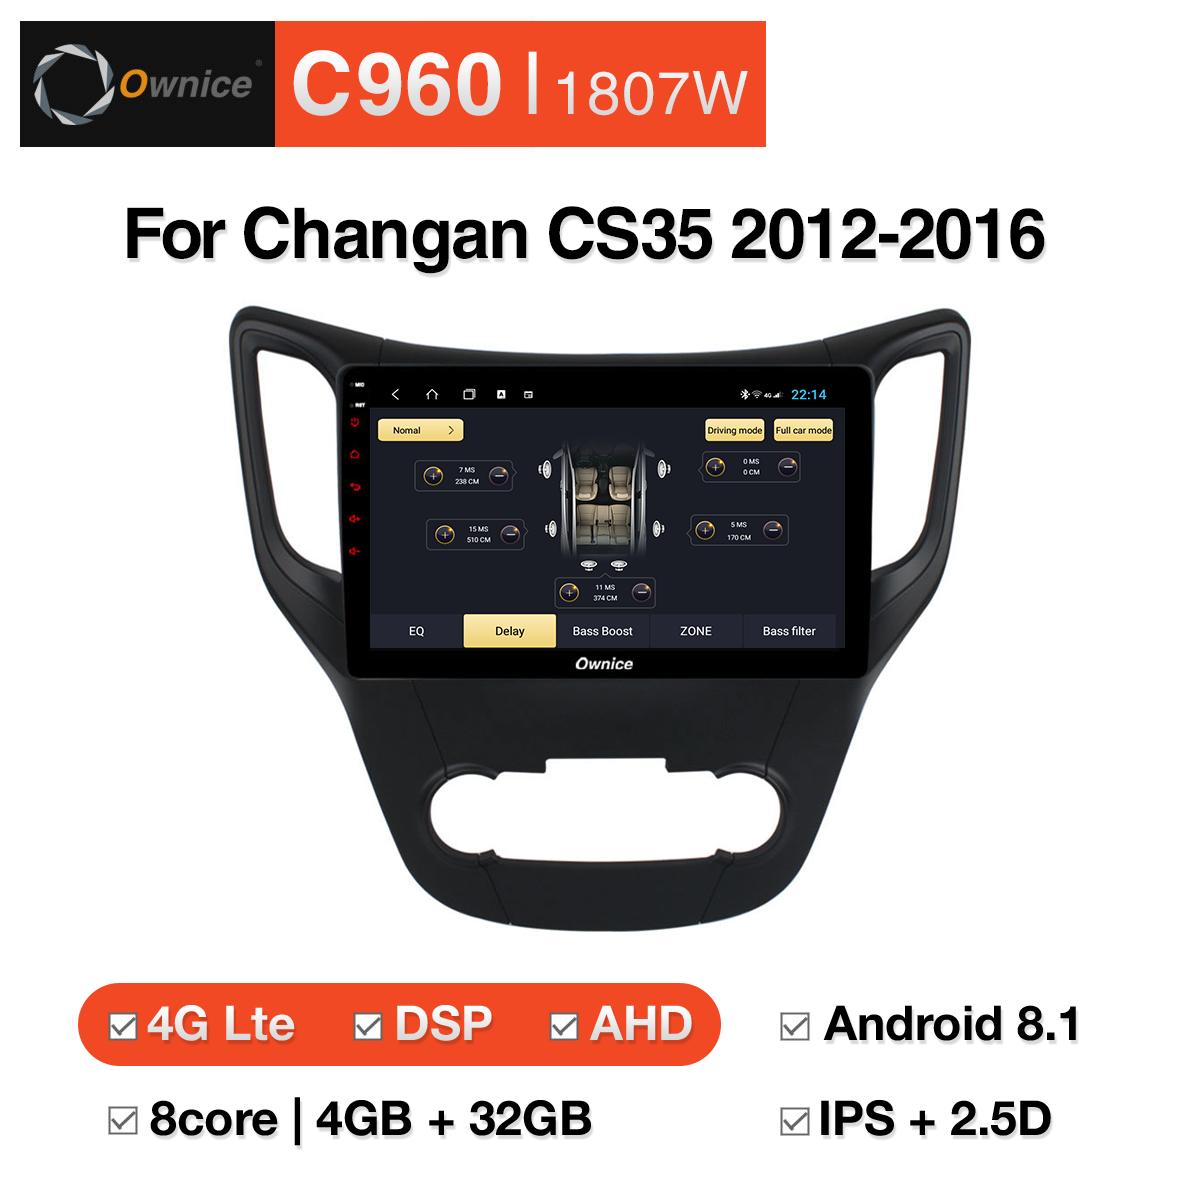 Đầu DVD android Ownice C960 cho xe ô tô Changan CS35 2012 - 2016